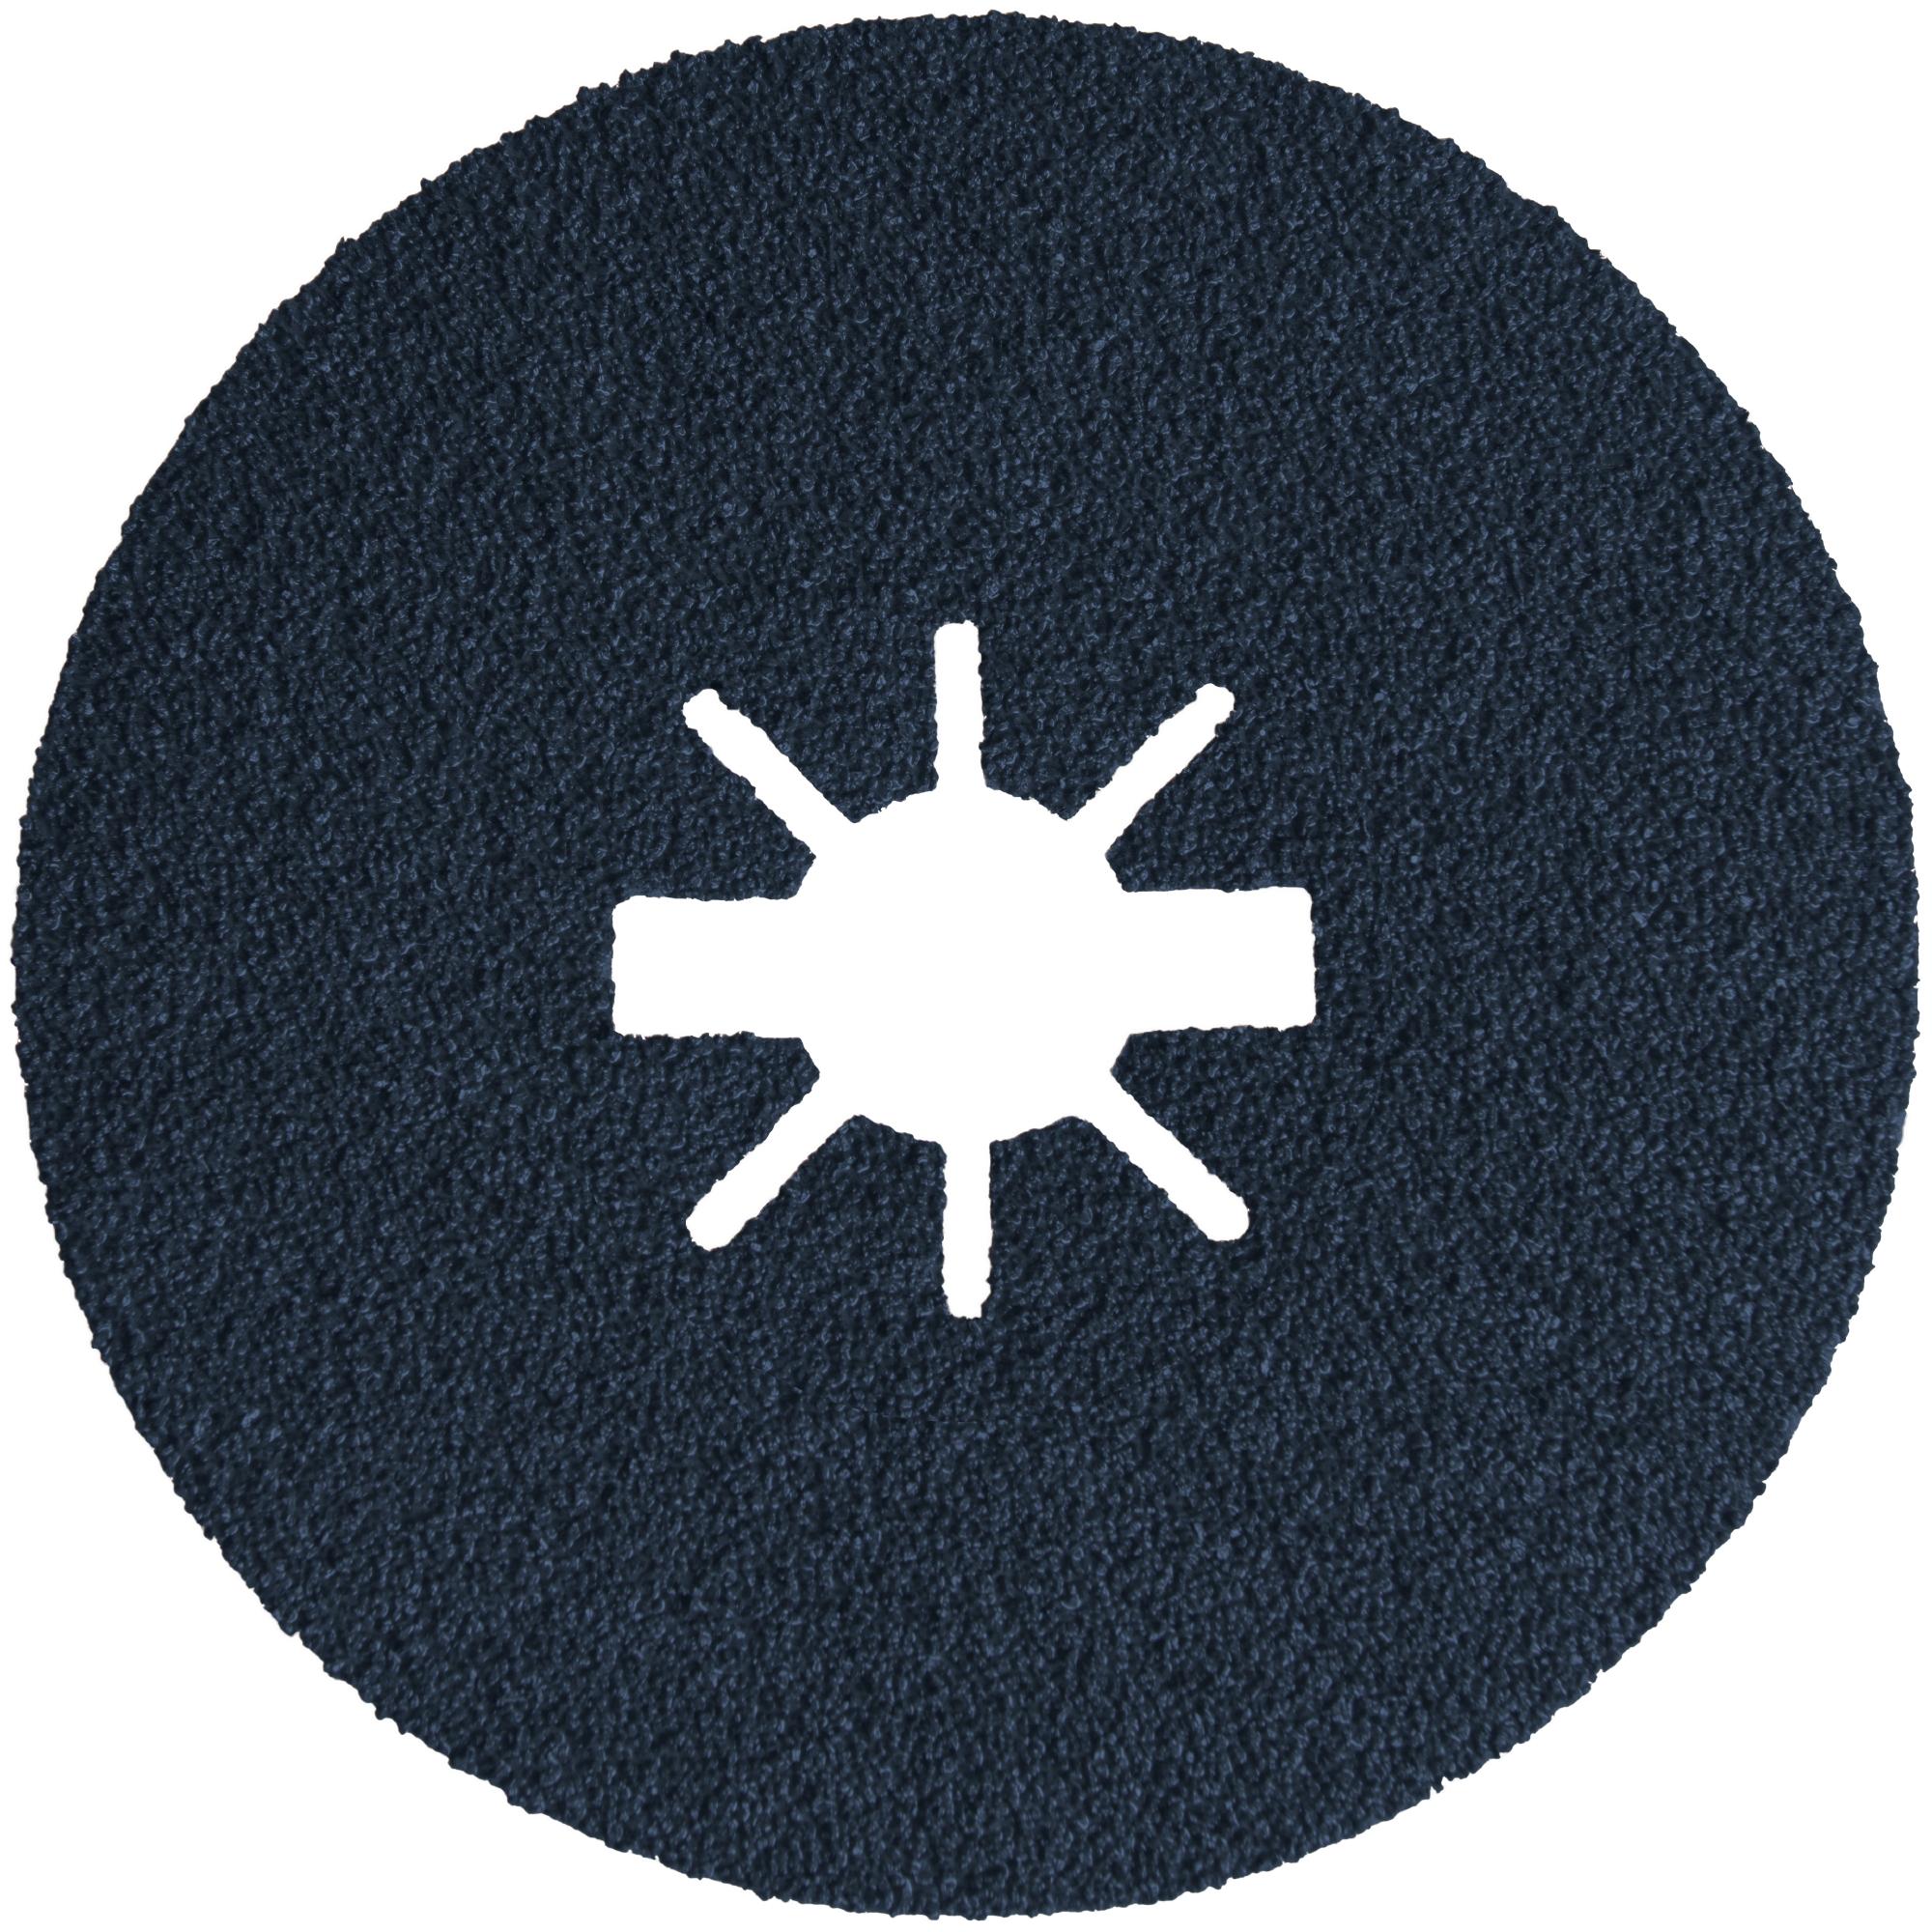 25 x Klingspor CS 565 Fiberscheiben | 115 x 22 mm | Korn 60 X-LOCK | 351160